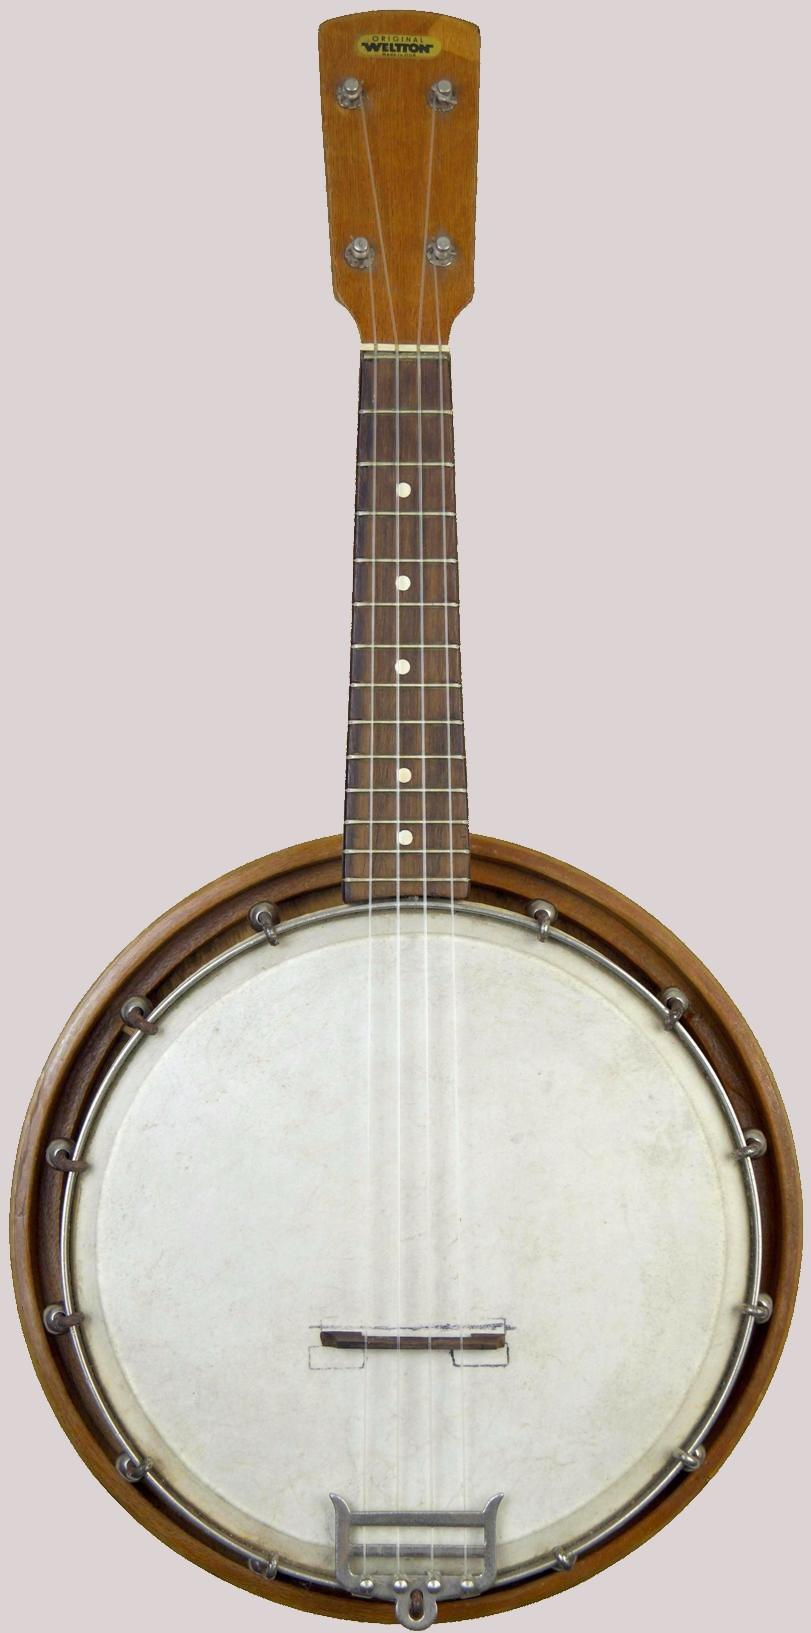 Original Weltton Ukulele Banjo Mandolin